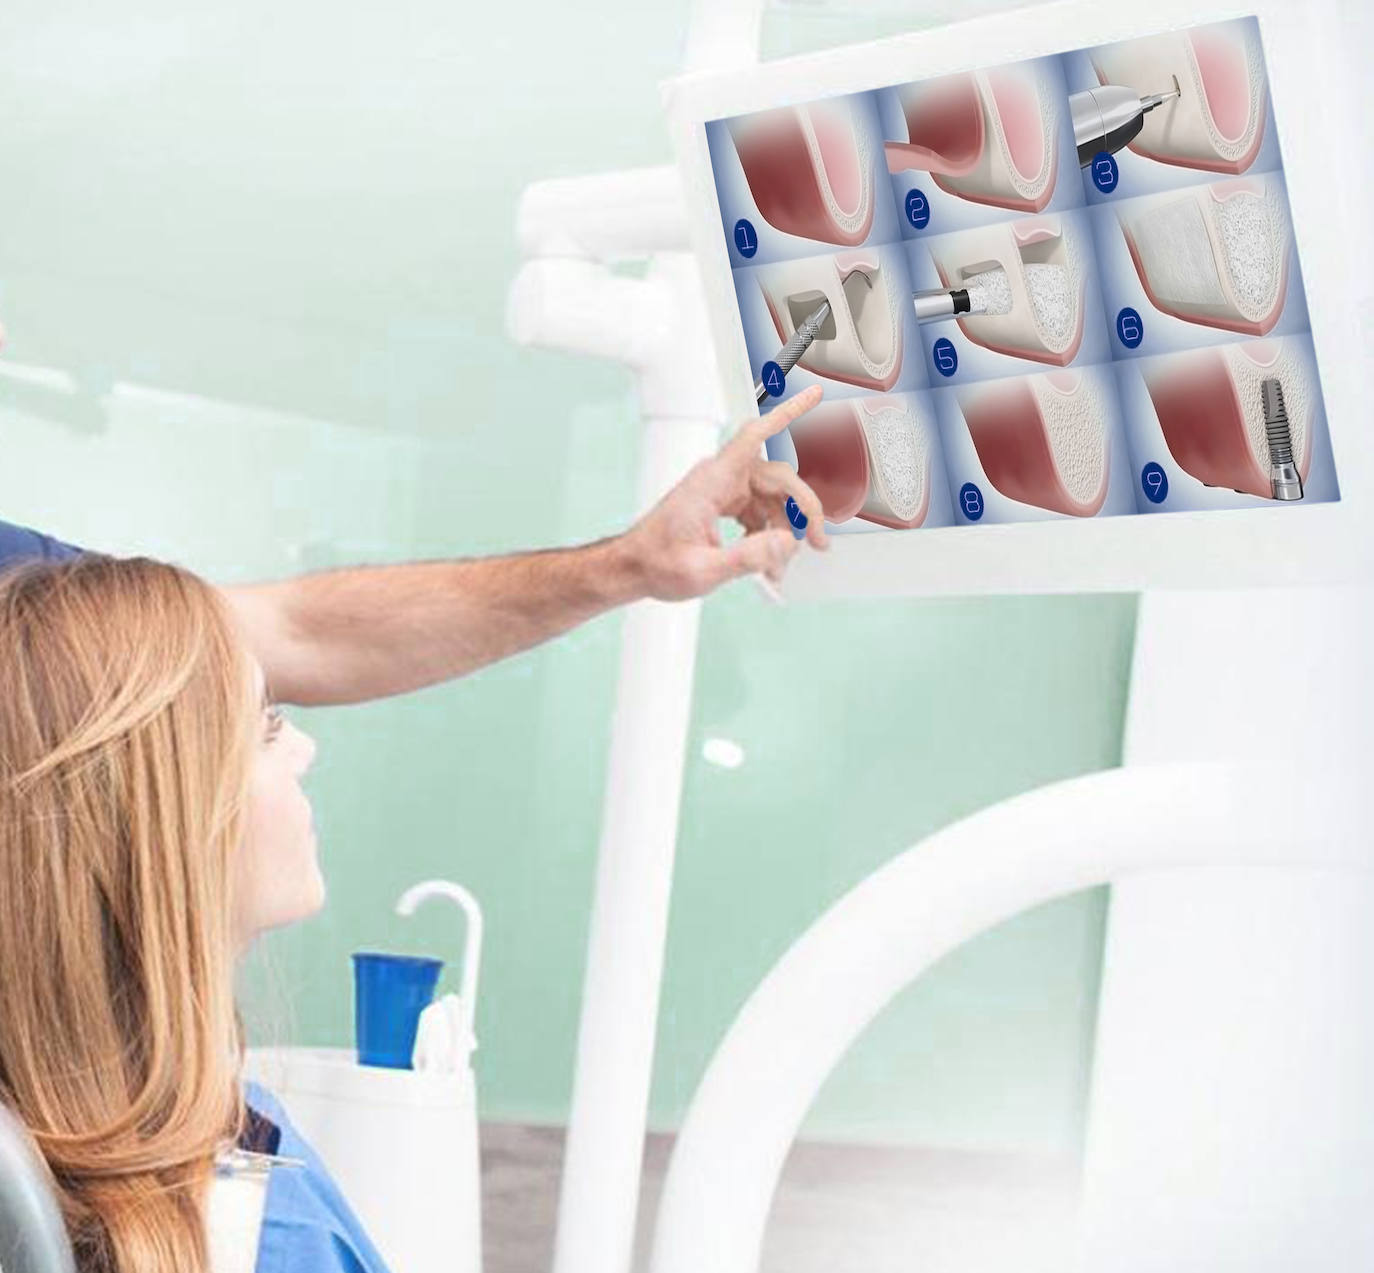 Innovaciones en regeneración ósea: cada vez más personas reciben implantes dentales con éxito